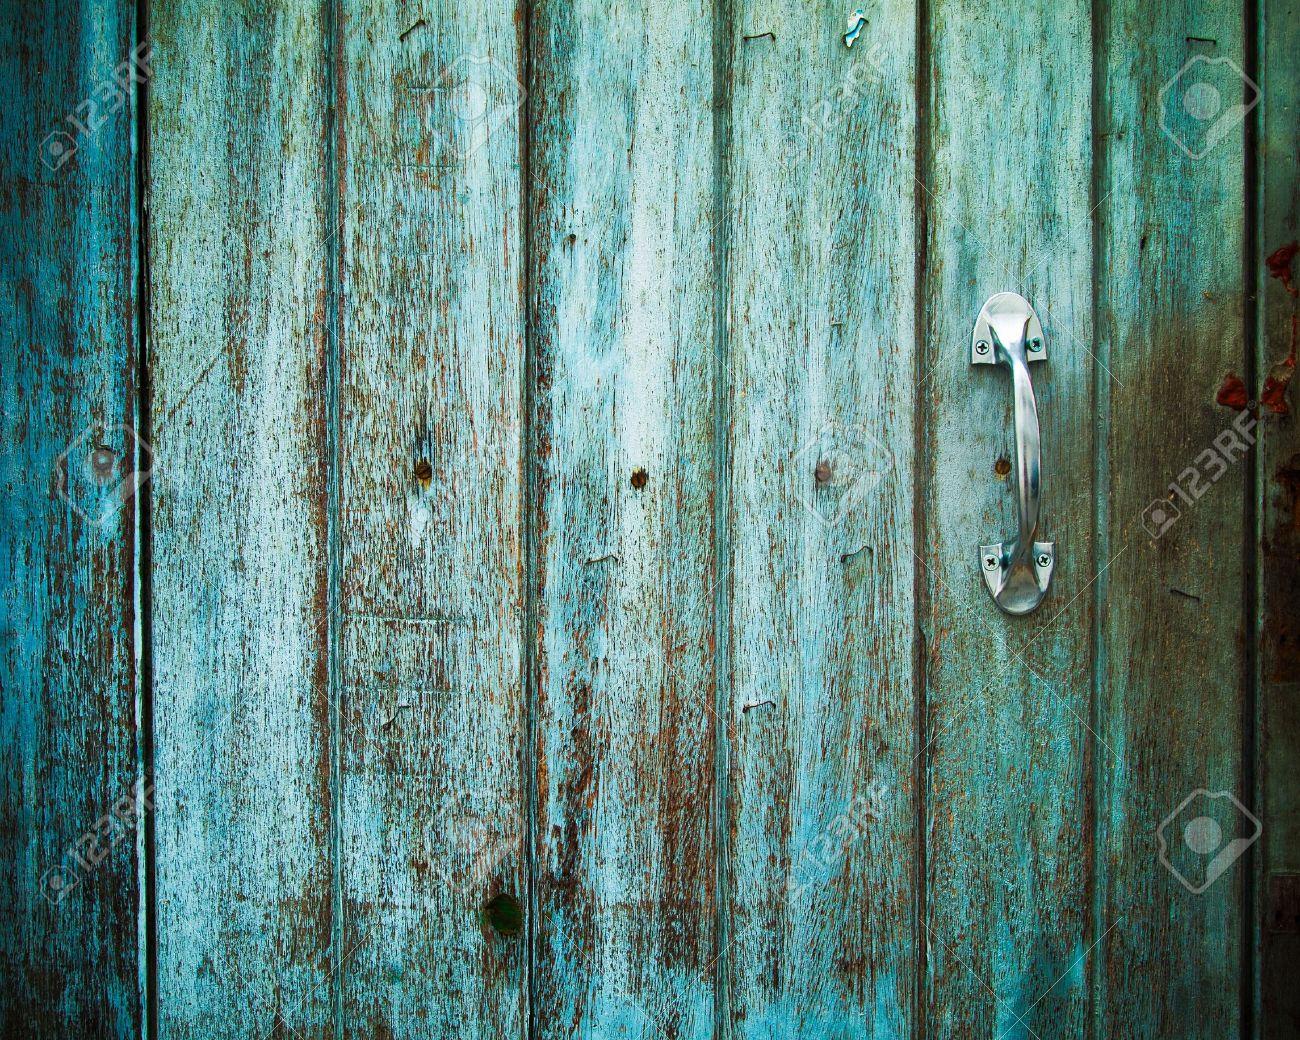 antiguo mango de puerta con una antigua puerta de madera pintada con el color verde